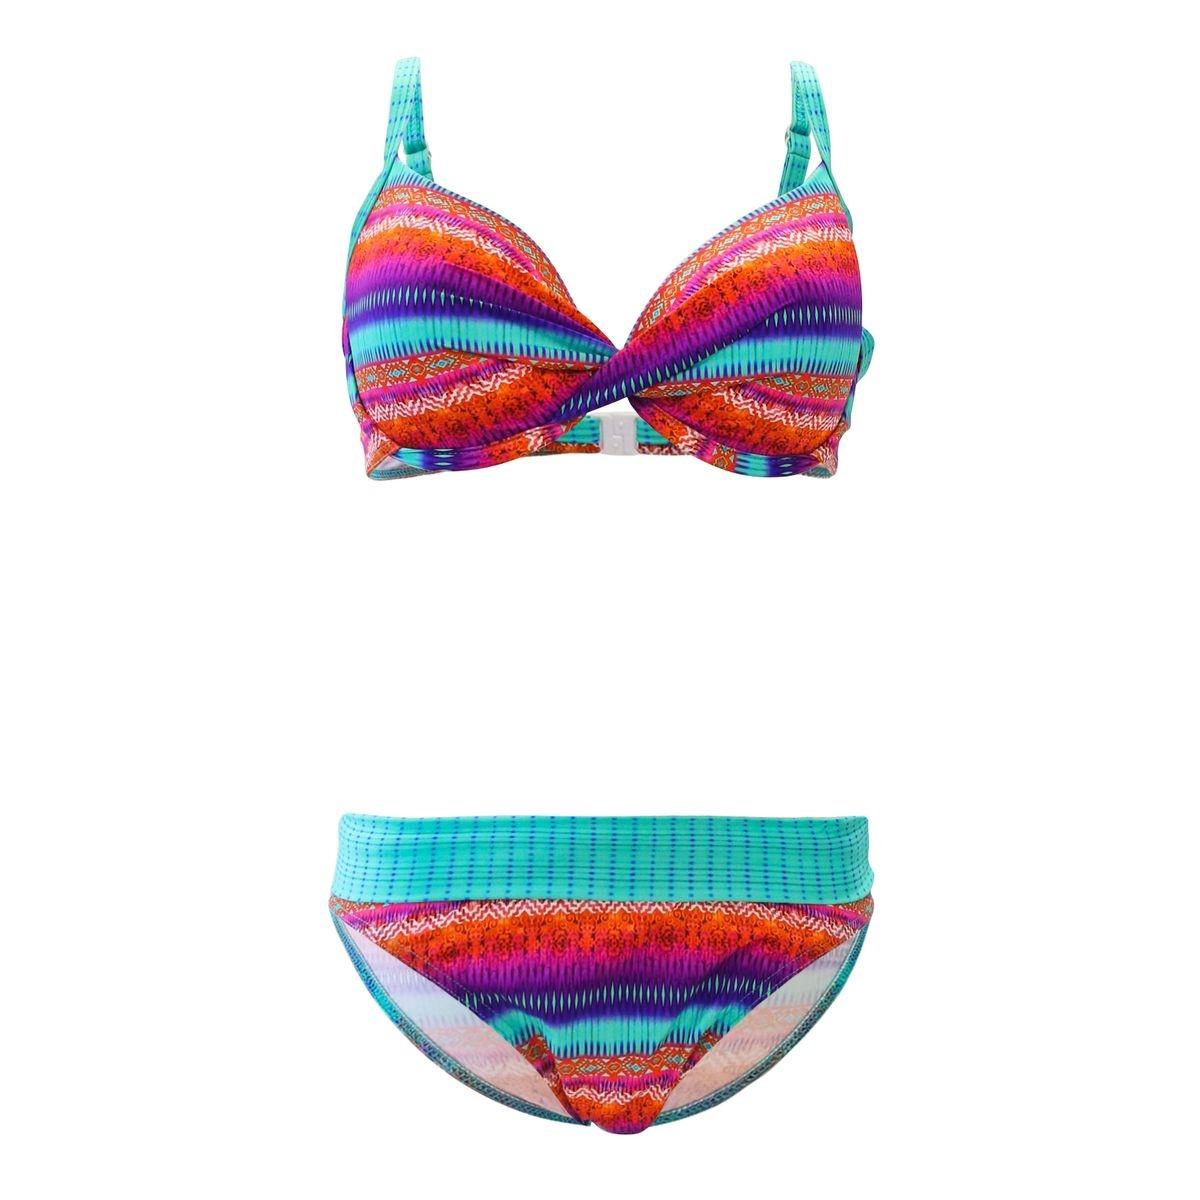 Maillot de bain 2 Pièces Bandeau Playa Vogue Bonnet D Kanoi